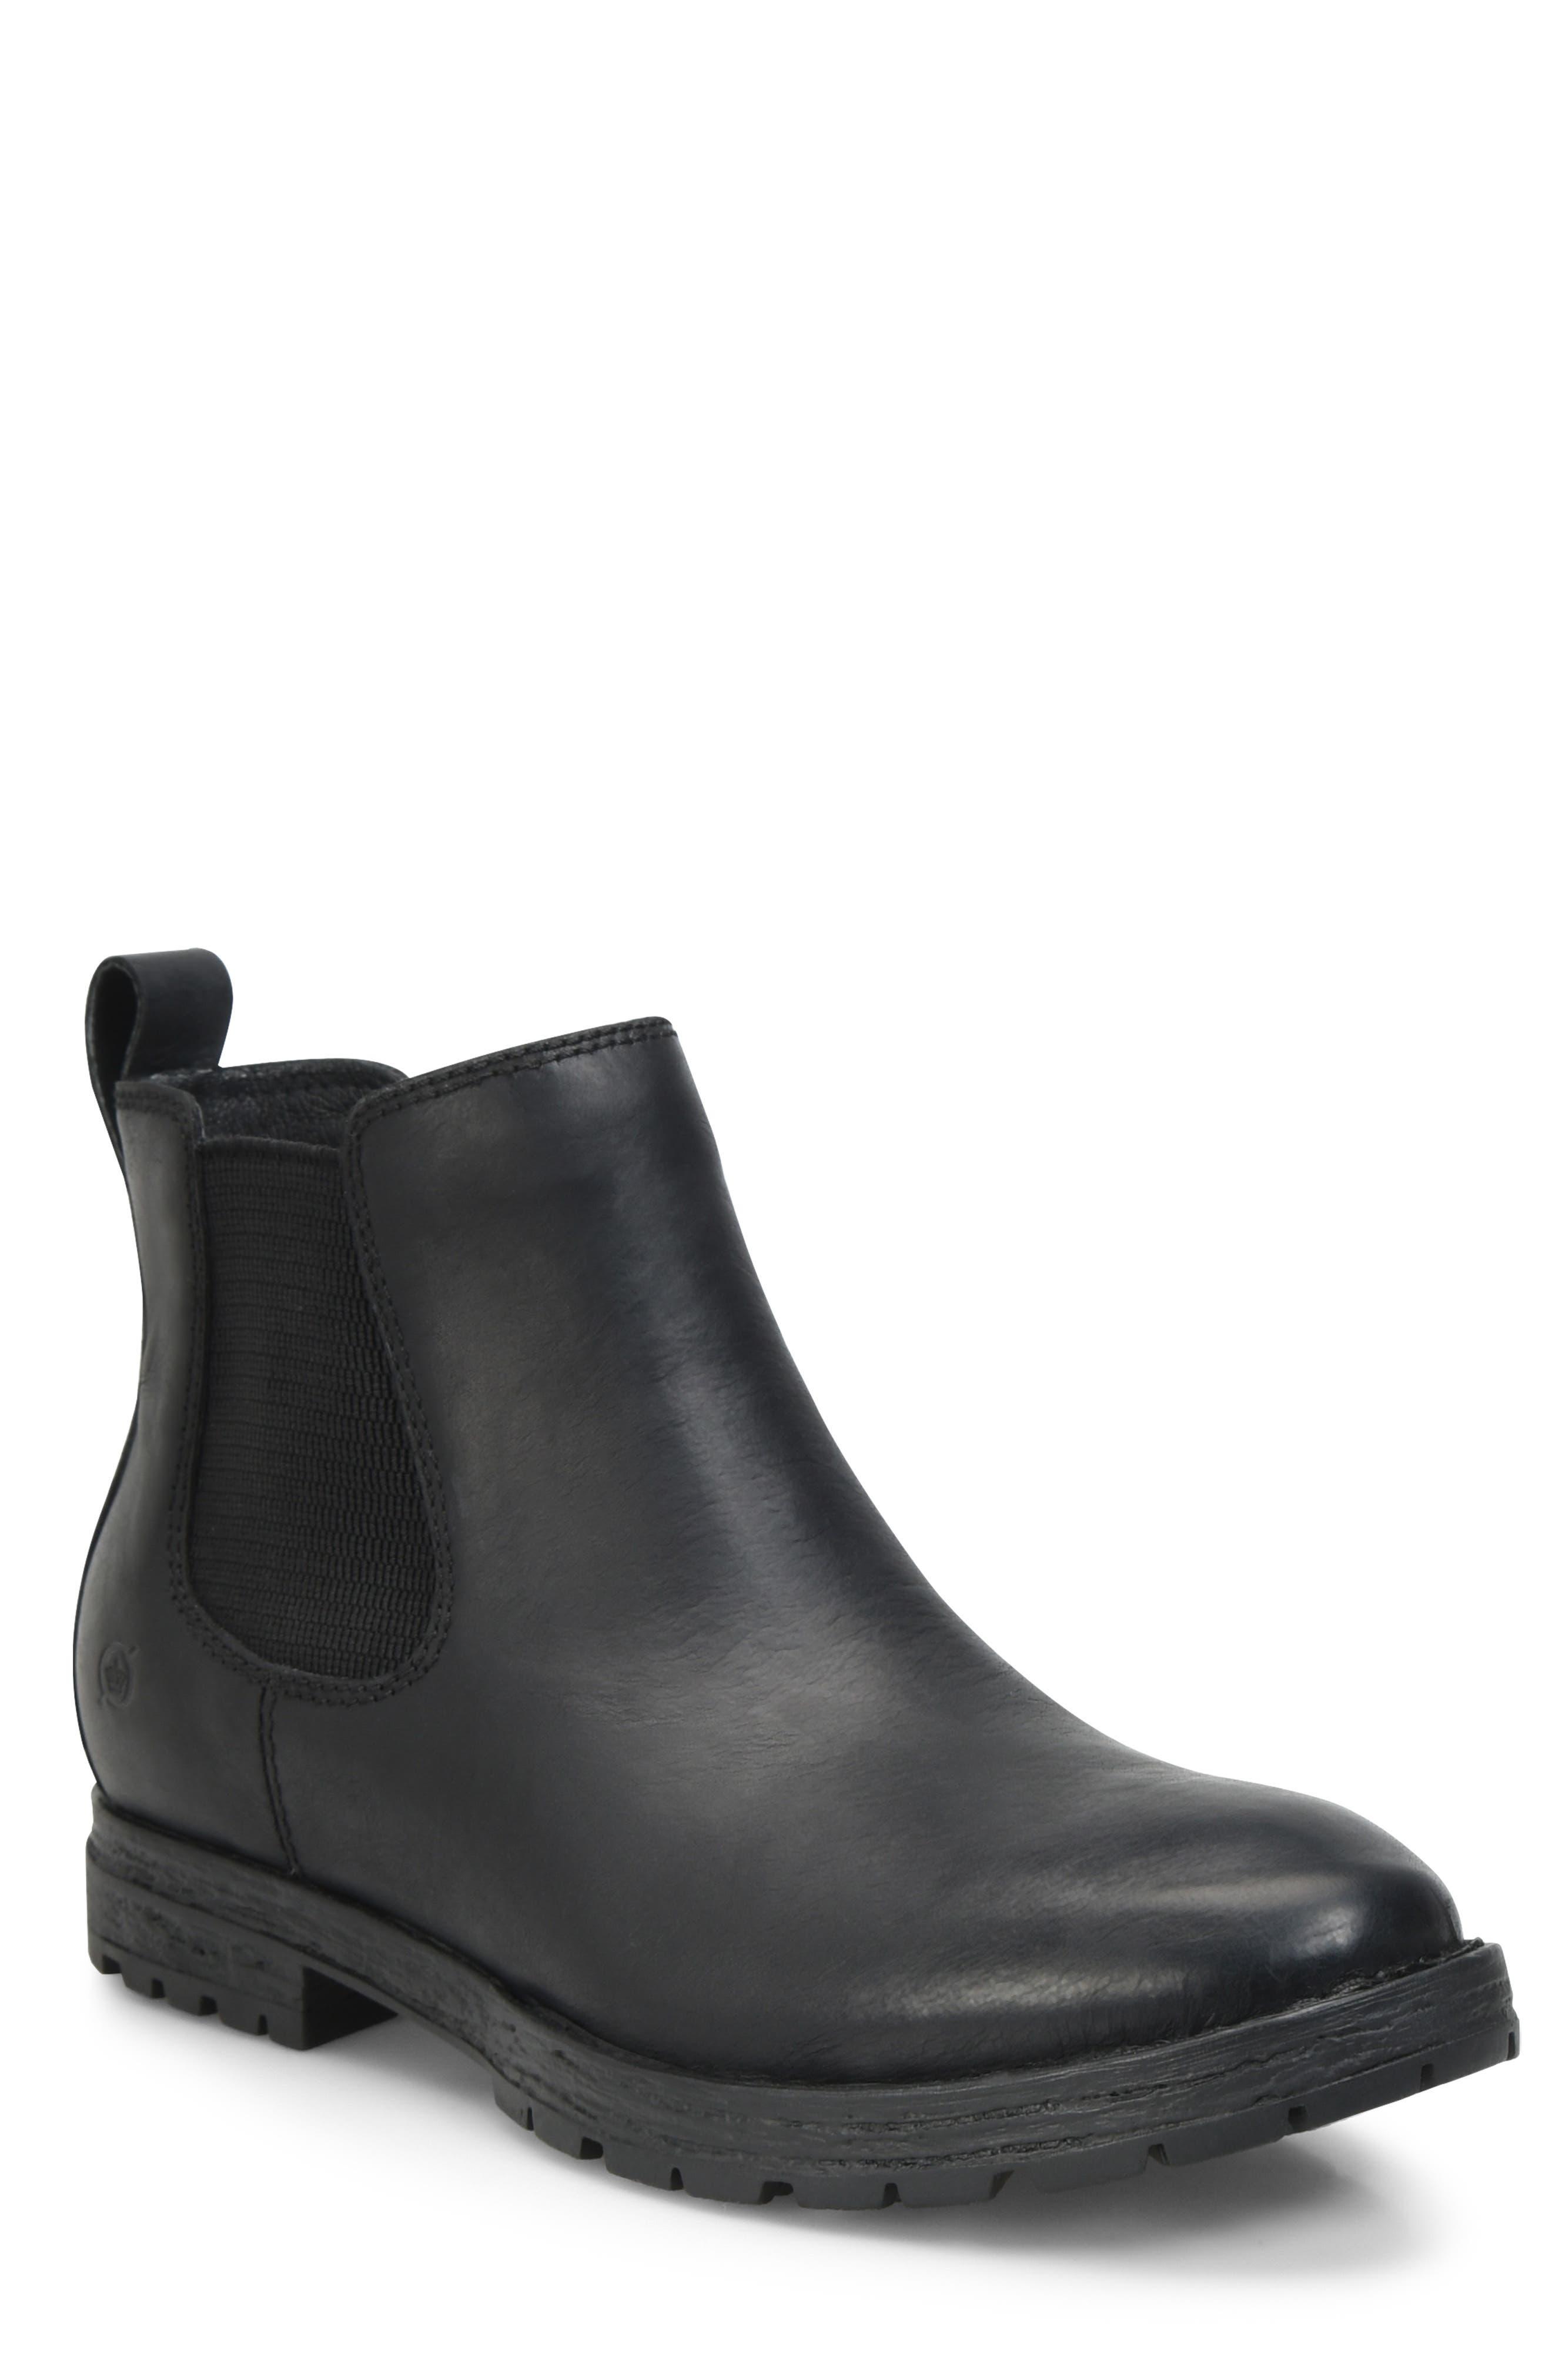 B?rn Pike Mid Waterproof Chelsea Boot, Black